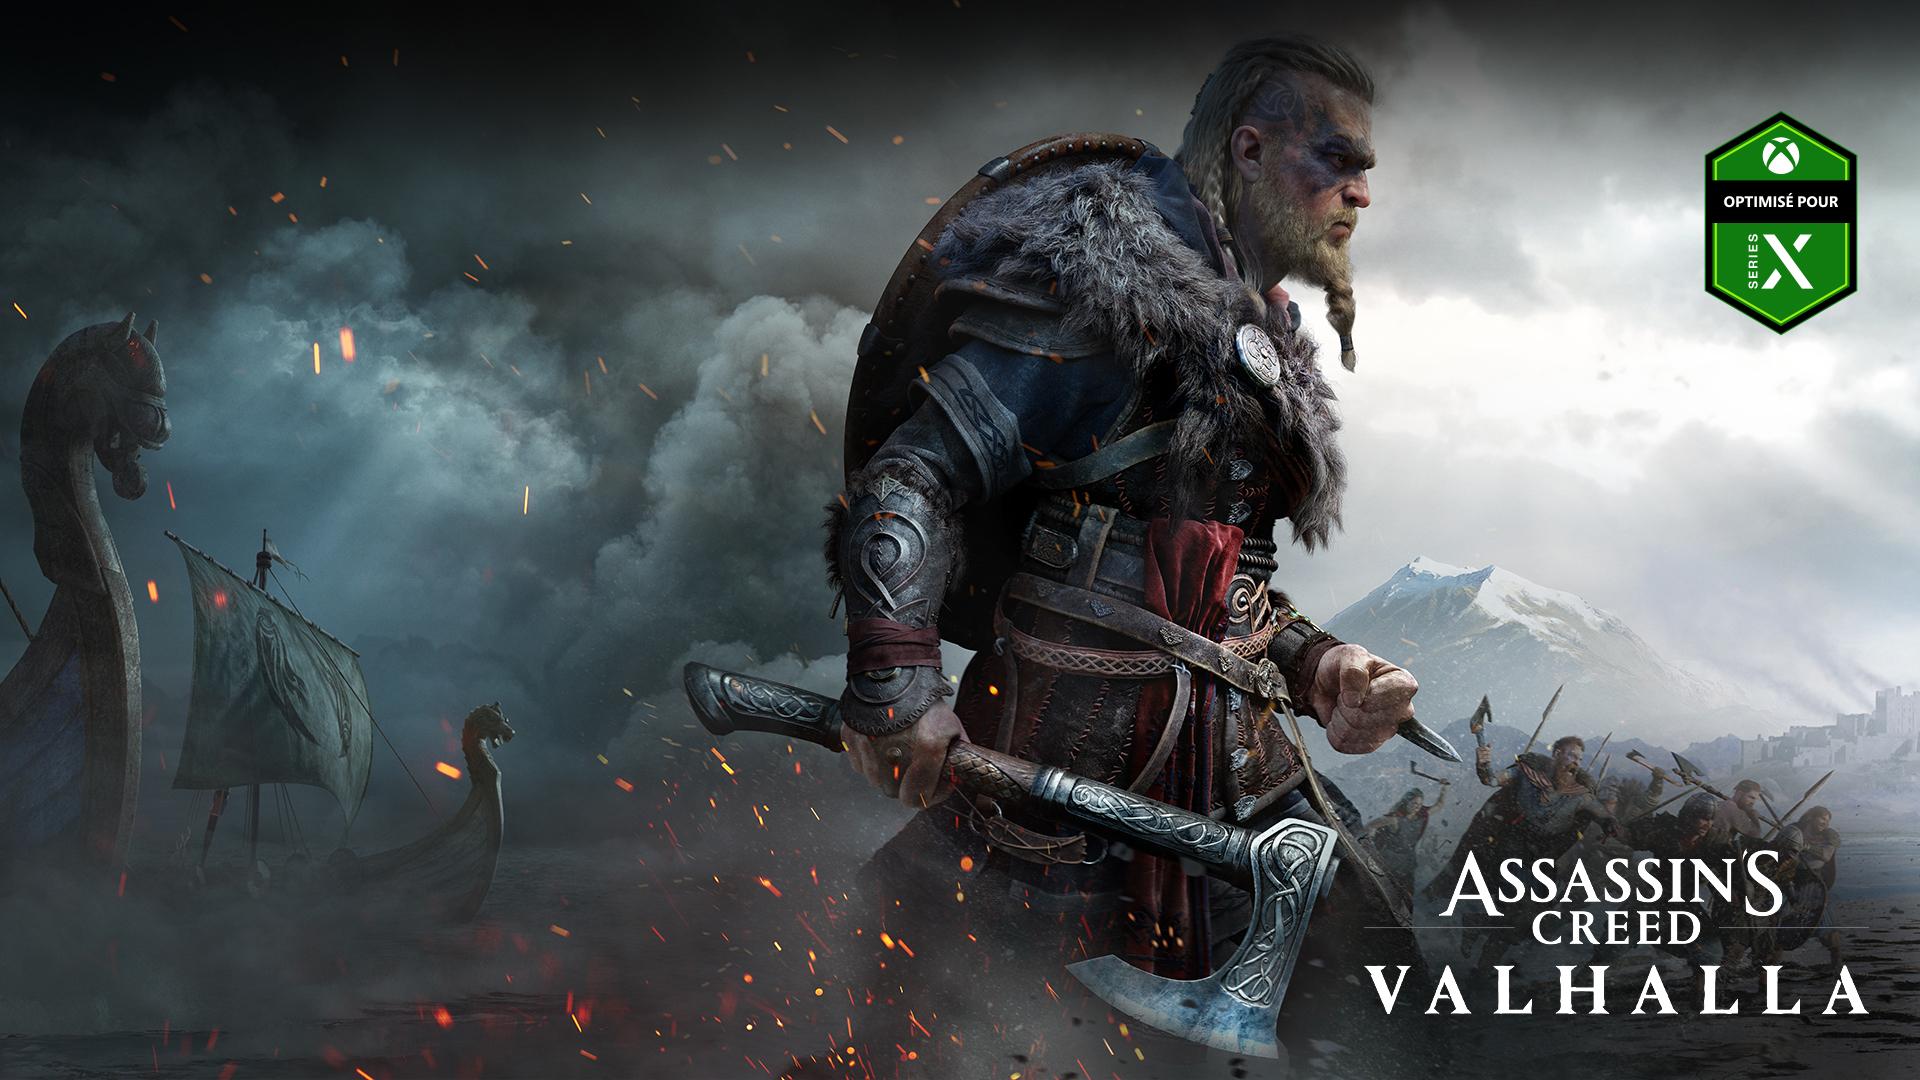 Logo «Optimisé pour Xbox Series X», Assassin's Creed Valhalla, personnage avec une hache, des navires dans le brouillard et une bataille